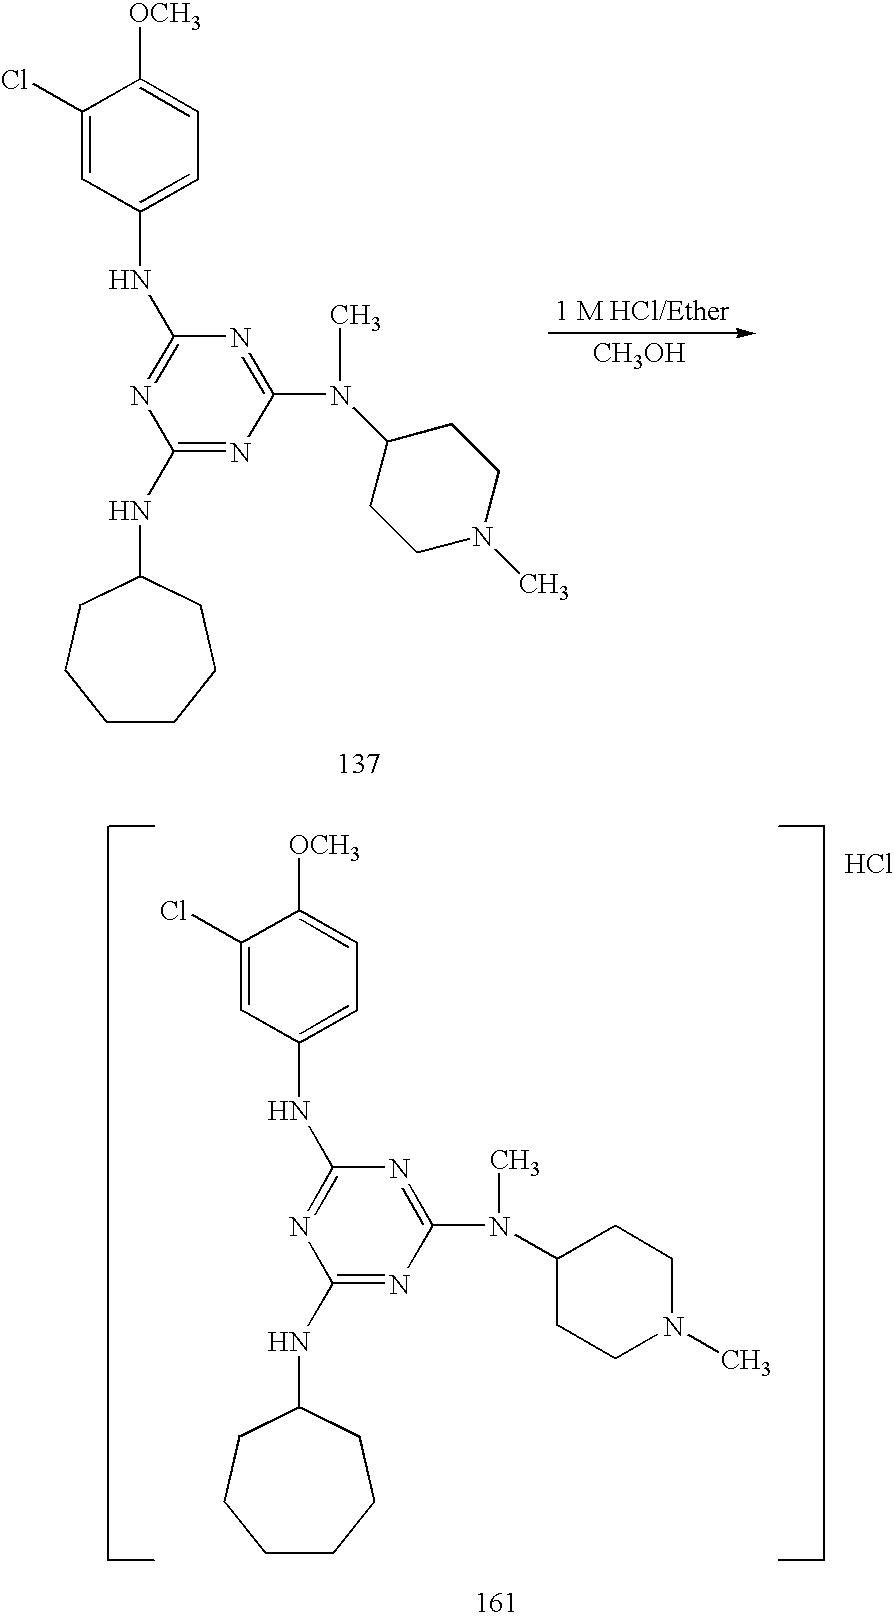 Figure US20050113341A1-20050526-C00183